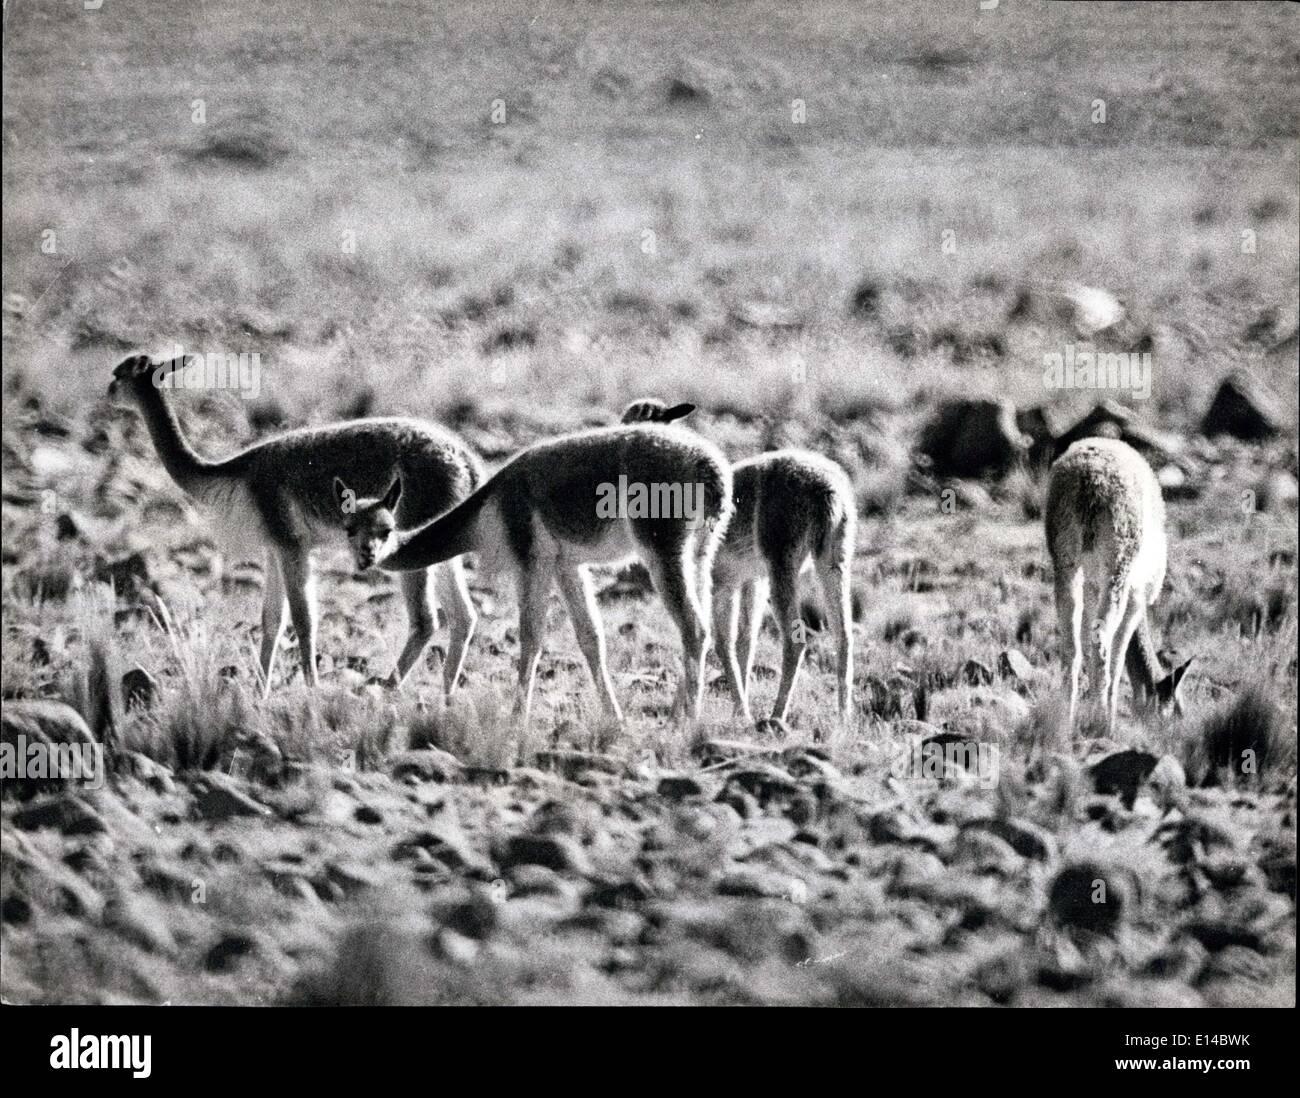 Le 17 avril 2012 - Menacé d'Extinction: Nouveau règlement peut encore sauver la vigogne dans les Andes: Ces images montrent juste reçu la vigogne dans son habitat naturel. Il est rare que cet animal timide pour permettre un caméraman de s'approcher assez près pour la bonne photographie. La vigogne d'Amérique du Sud, l'un des rares de la famille de le chameau et le lama, est menacé d'extinction et l'interdiction du Gouvernement, a annoncé cette semaine, à l'importation de la vigogne, les cheveux et la peau est le résultat d'une campagne menée par le World Wild Life Fund qui disent qu'il y a moins que 10 000 vigognes en existence Banque D'Images